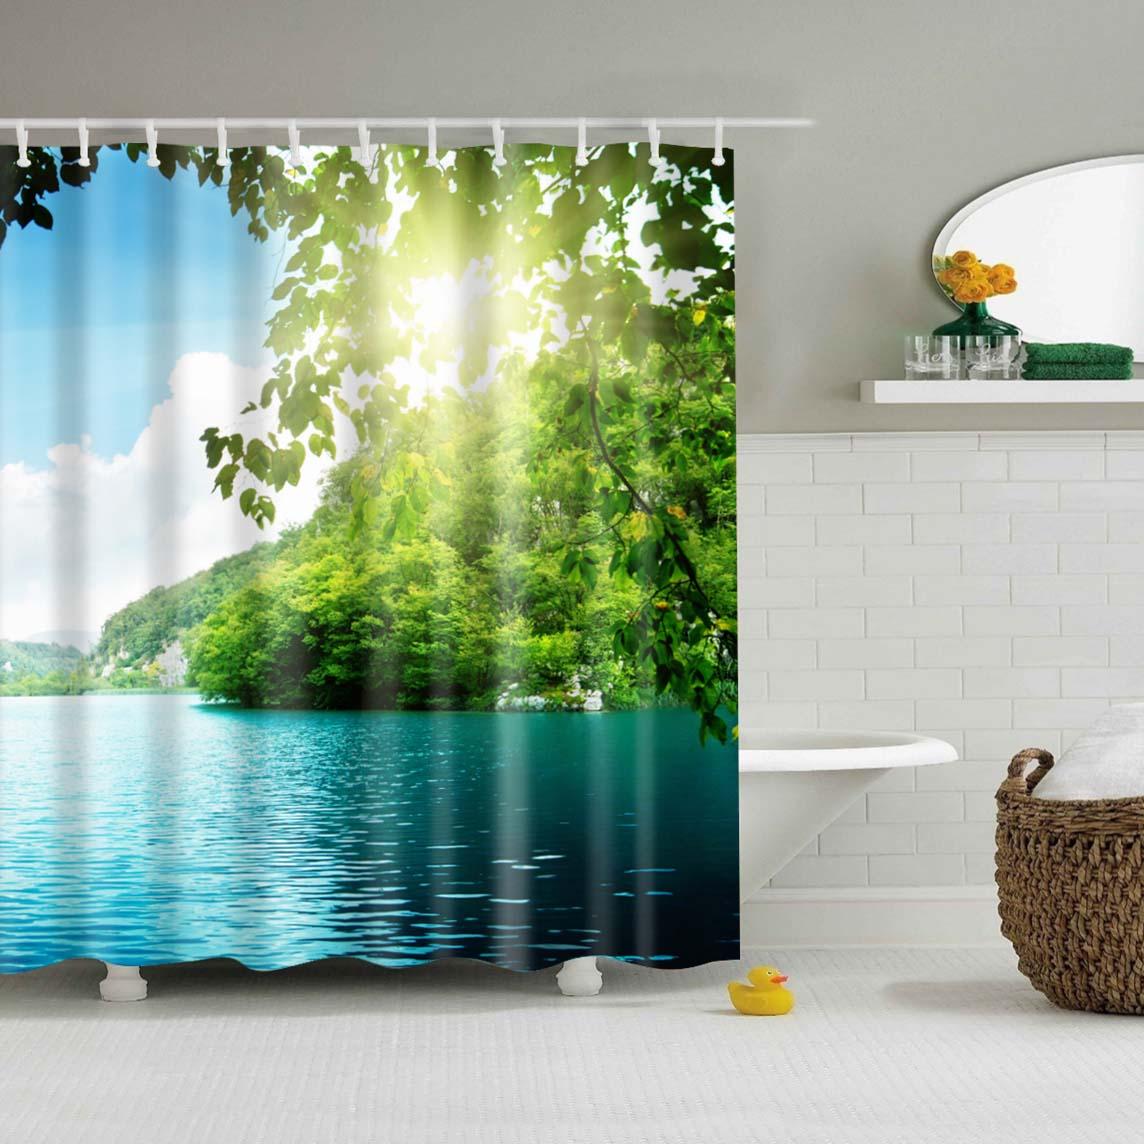 Wasserdicht Polyester stoff 3D Bad vorhang wald für Bad vorhang Grüne Pflanze strand Dusche vorhang Lange 180*200cm